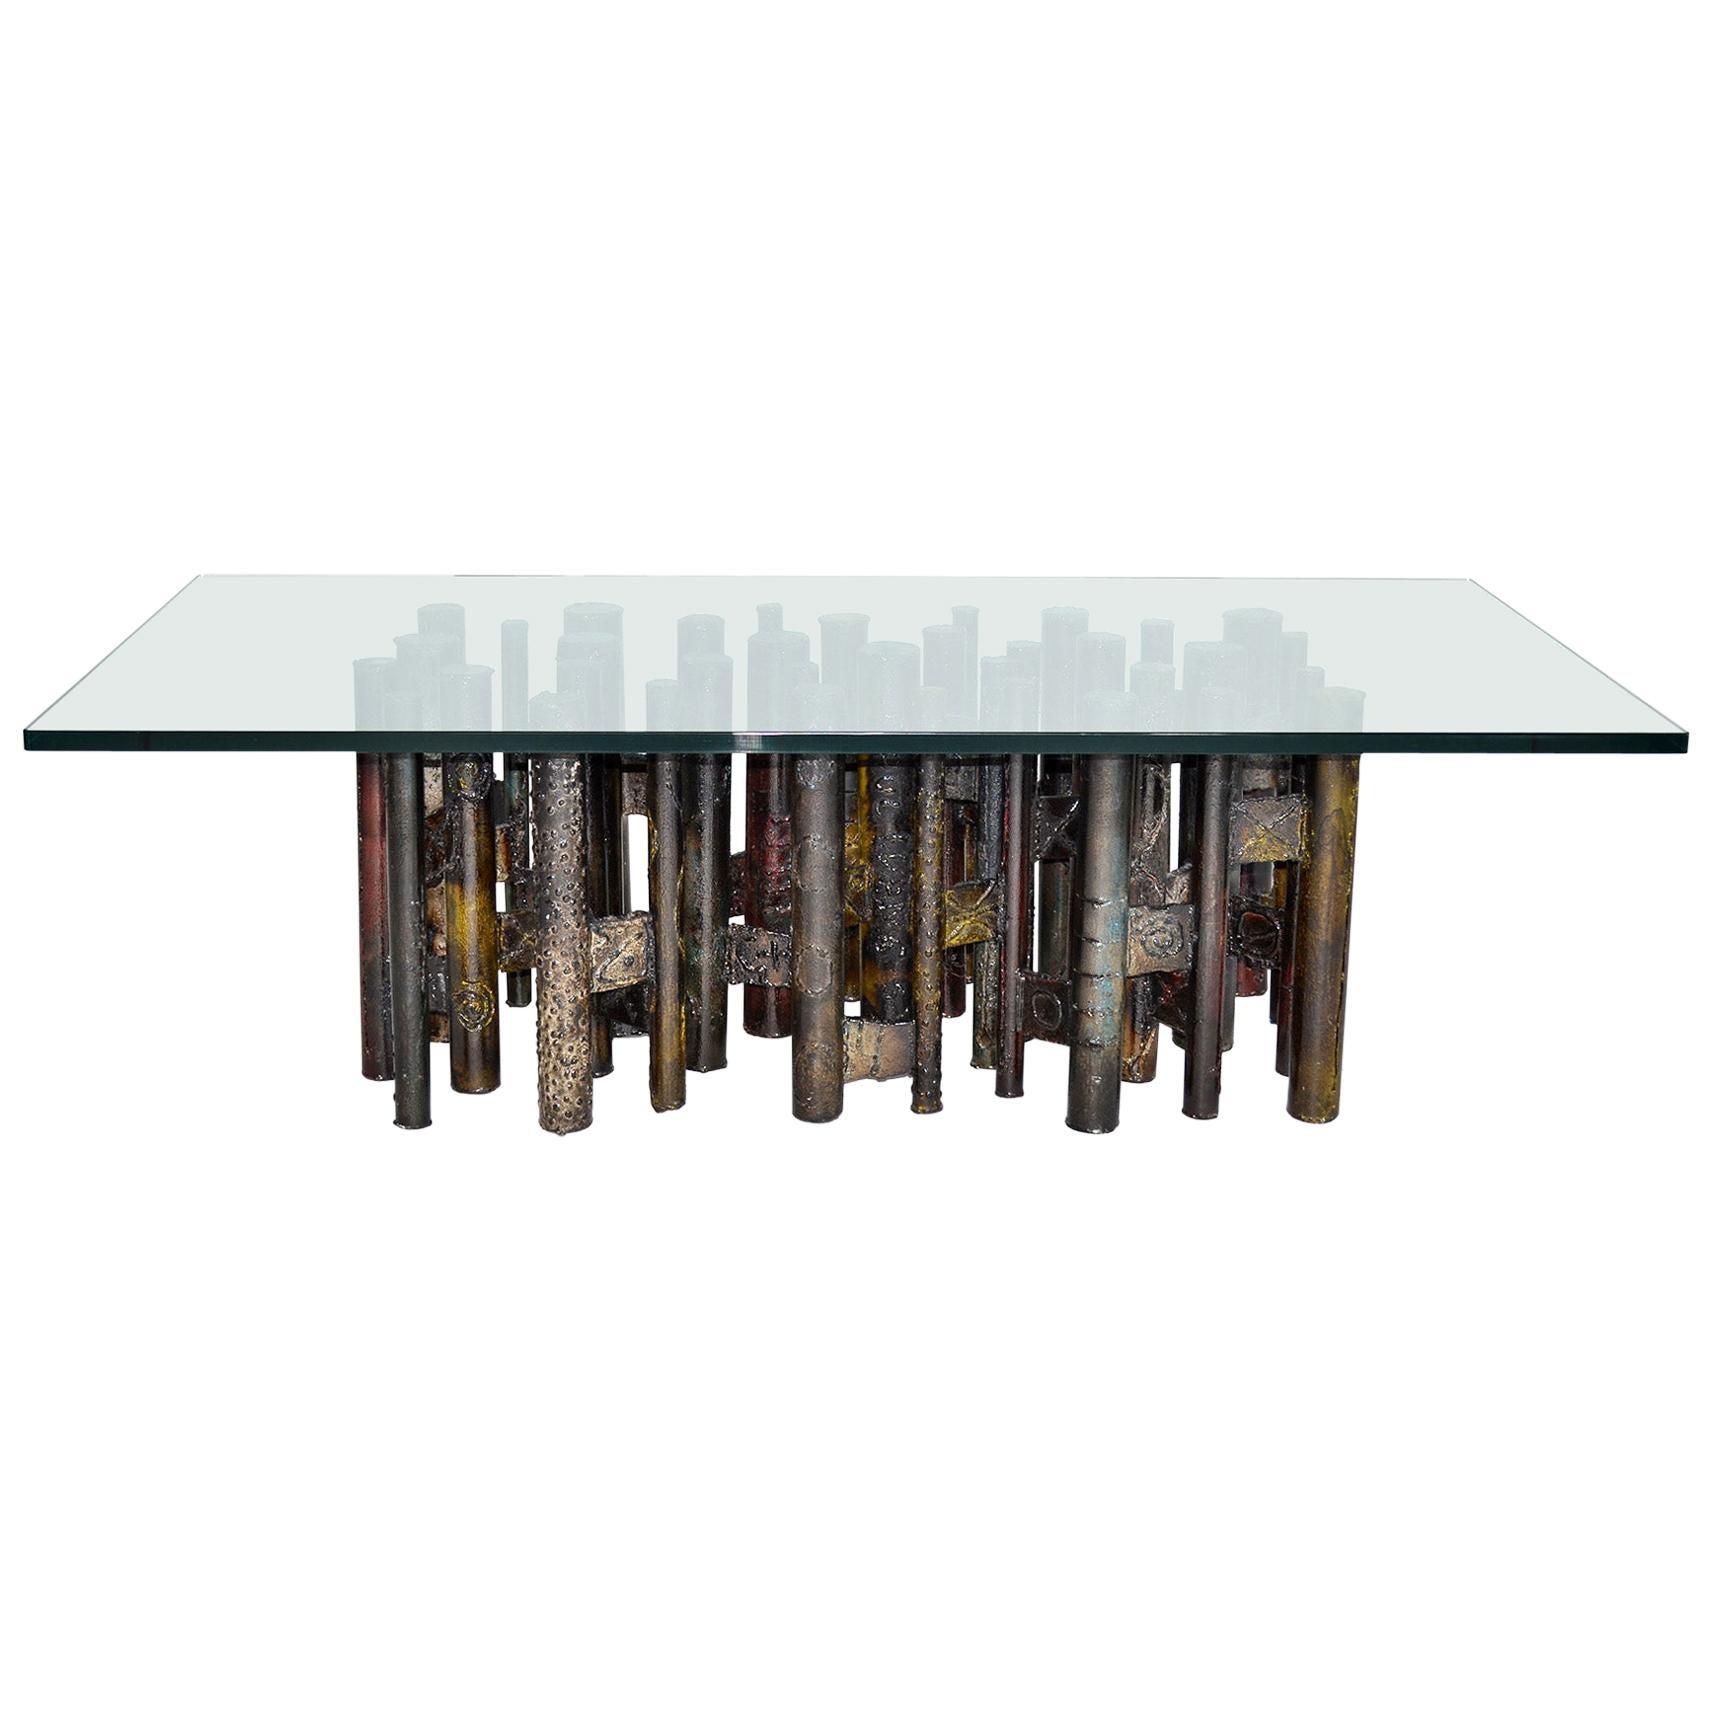 Large Paul Evans Studio Coffee Table Welded and Painted Steel, 1967